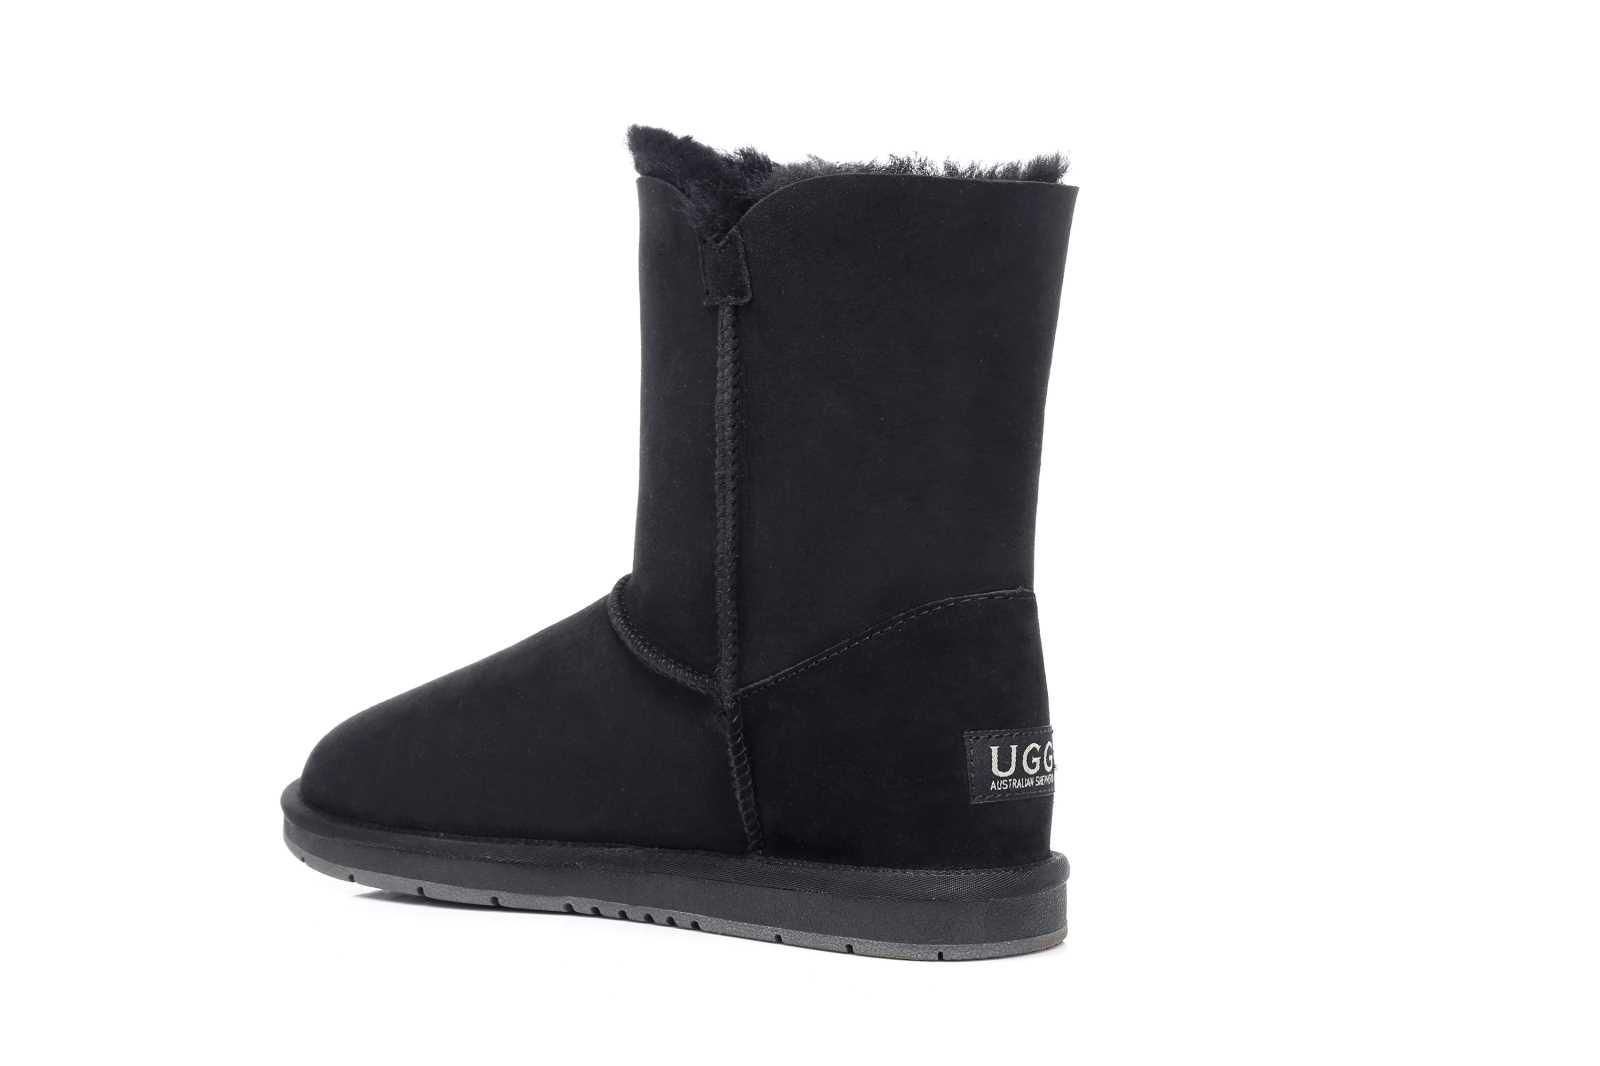 cea236c48e1 100 Australian Sheepskin UGG BOOTS Short Button AU Ladies 5 / Men 3 Black